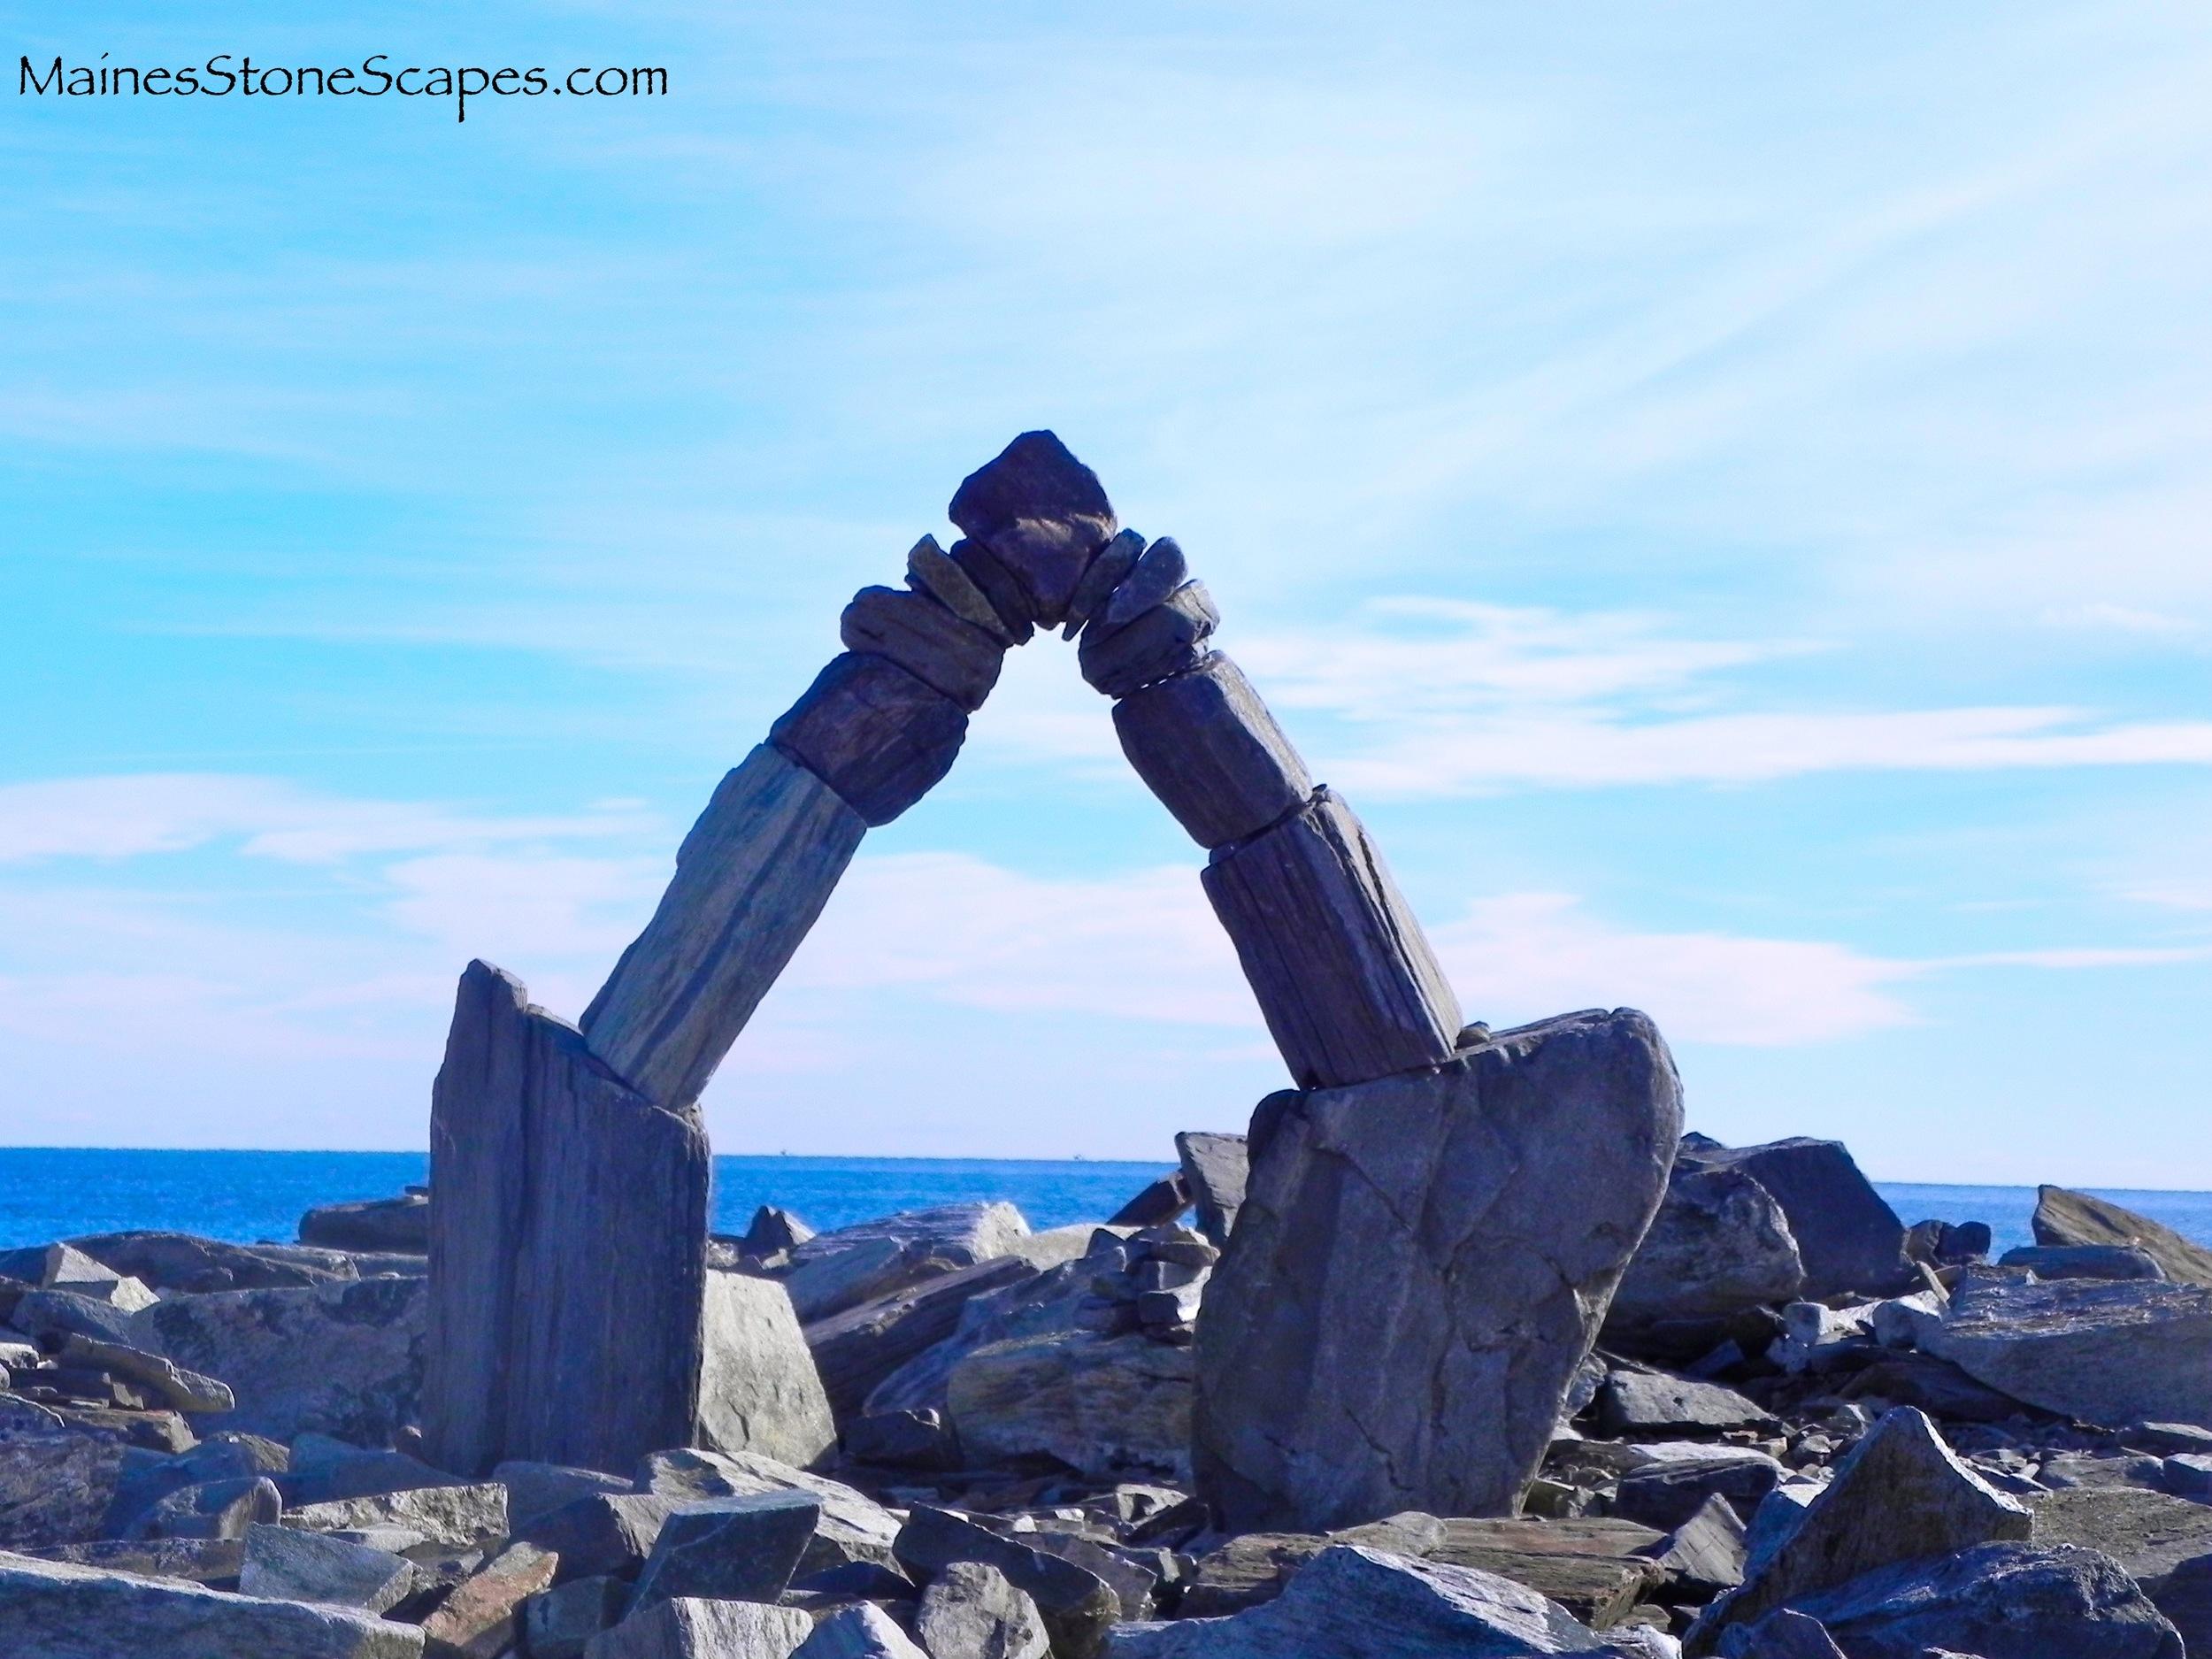 Big     Peaks Island, Me. 2014